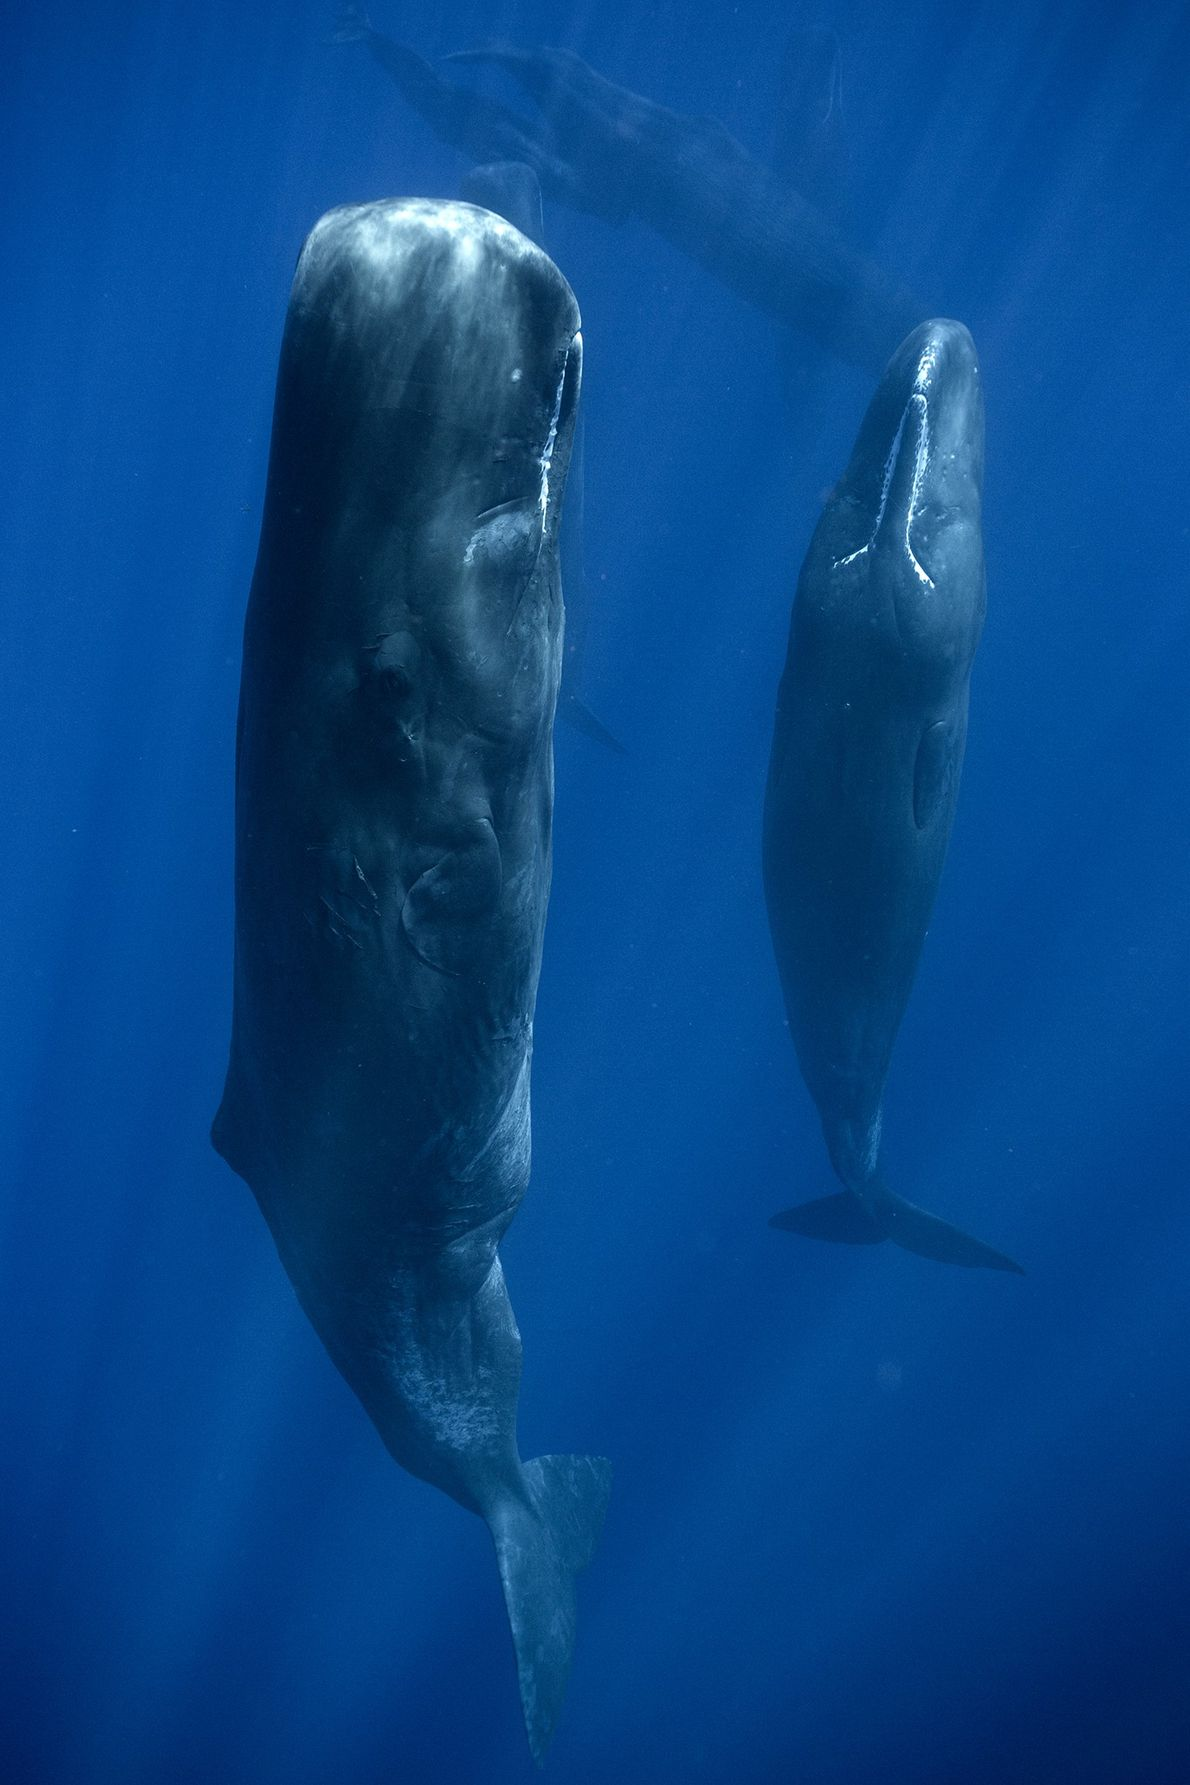 Senkrecht schlafende Wale